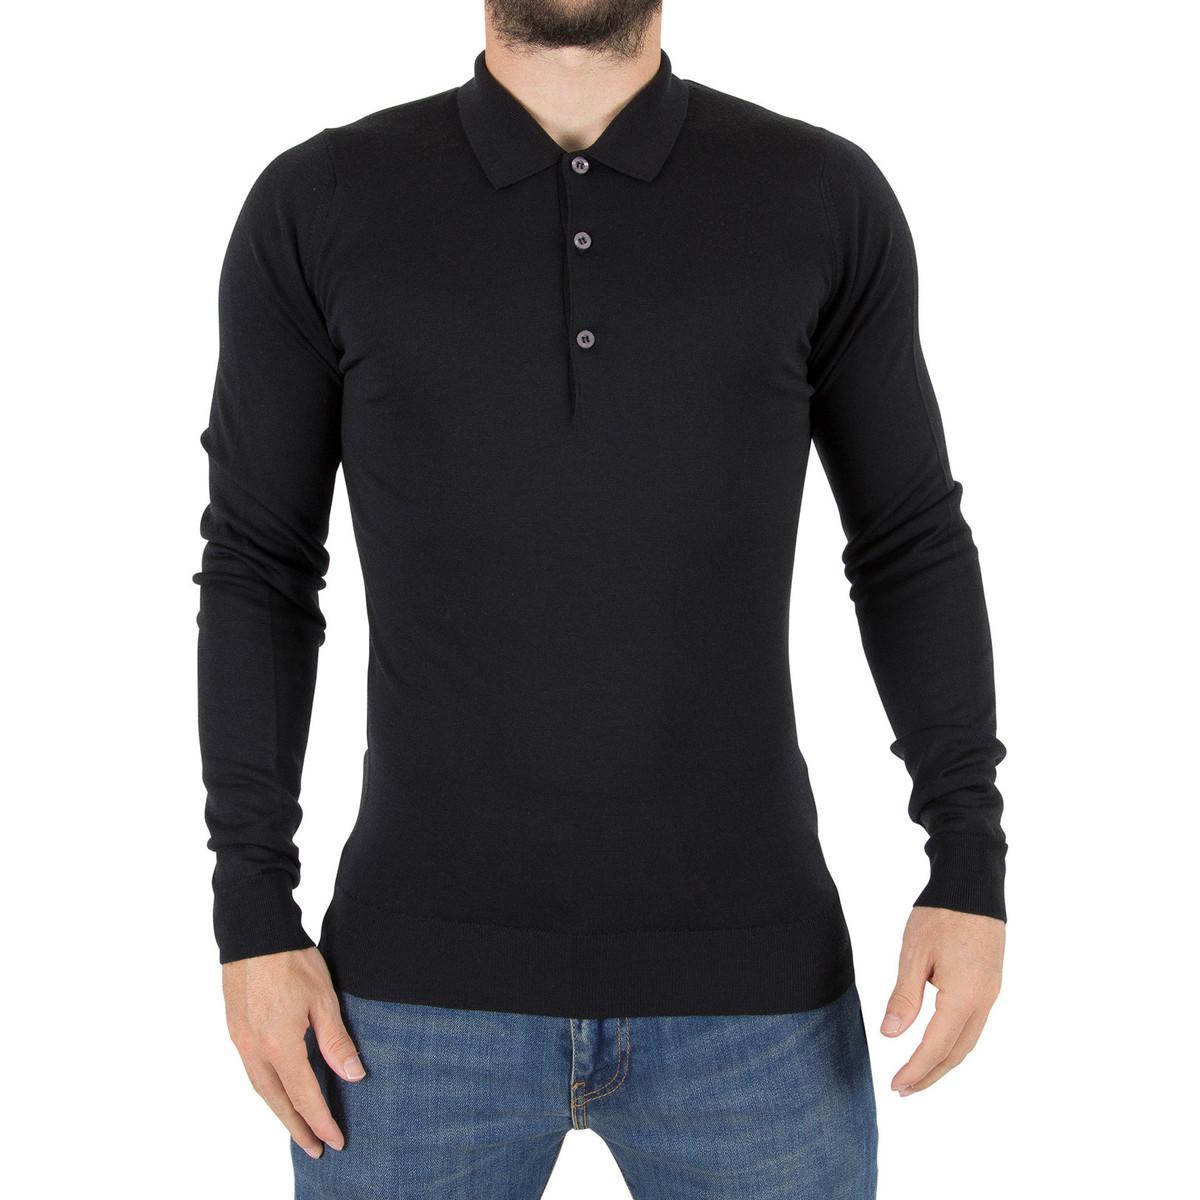 d75777c9 John Smedley Men's Belper Longsleeved Polo Shirt Knit, Black Men's ...